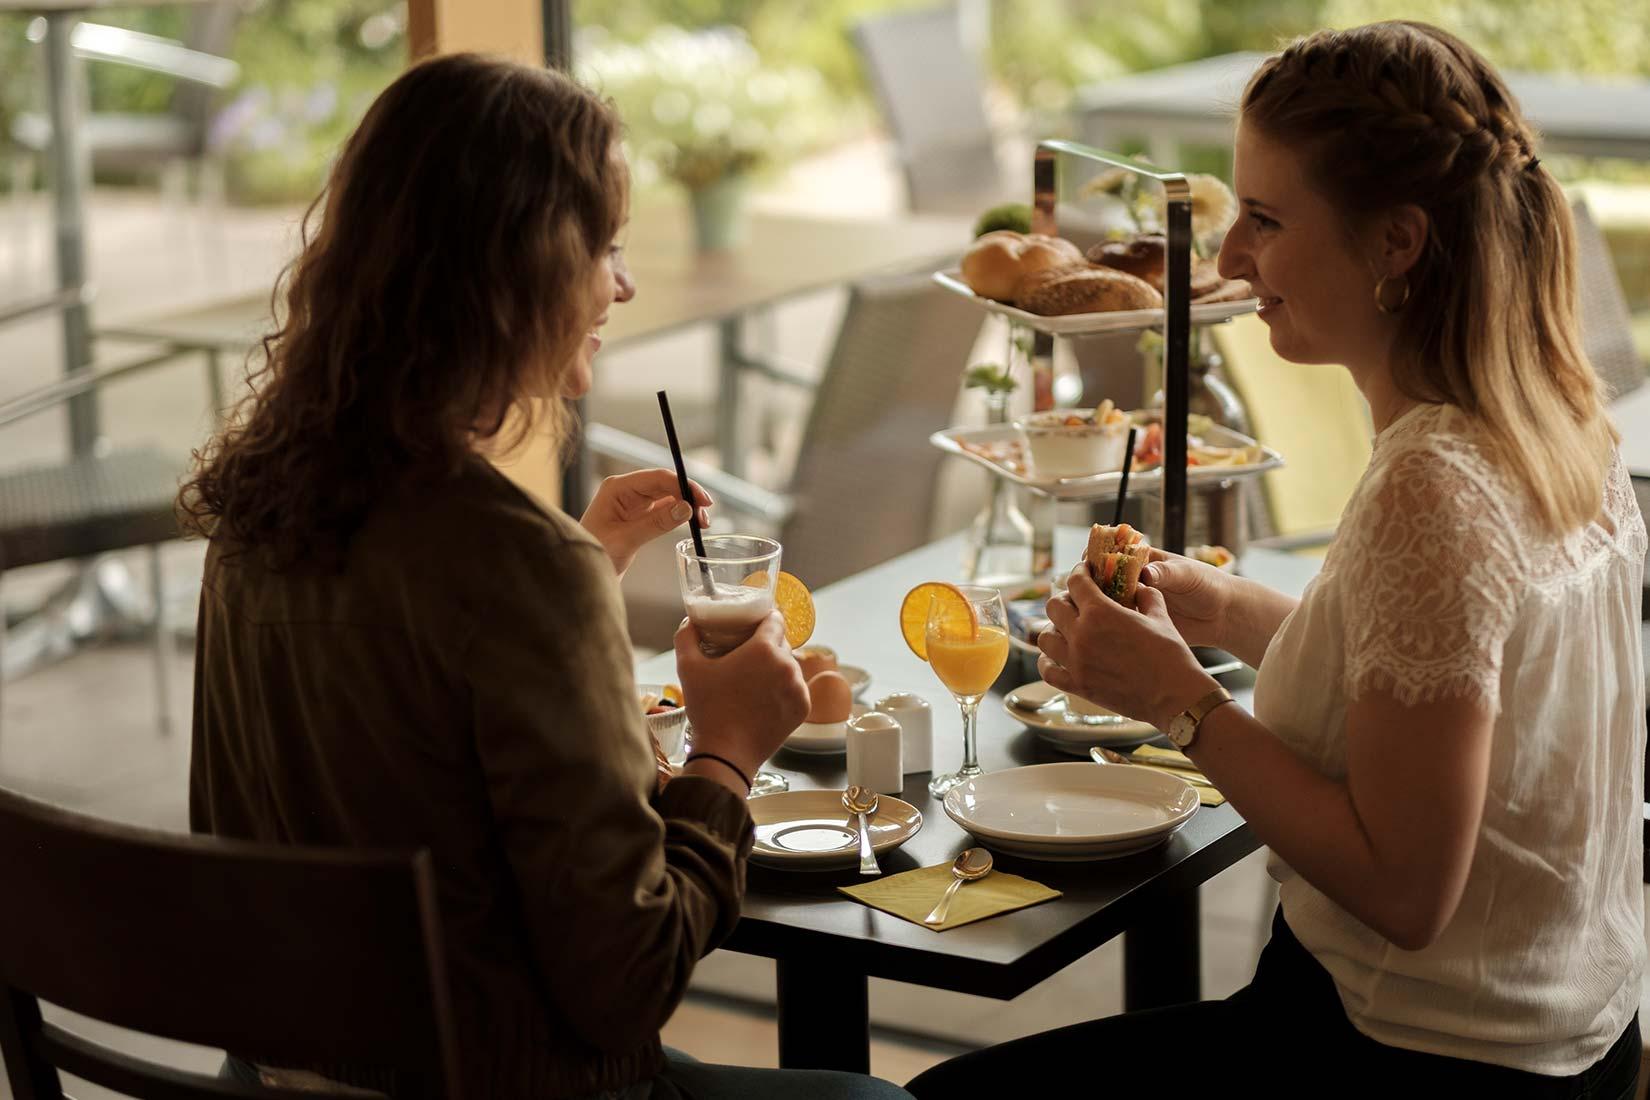 Leckeres Frühstück für zwei Personen mit Orangensaft und Kaffee